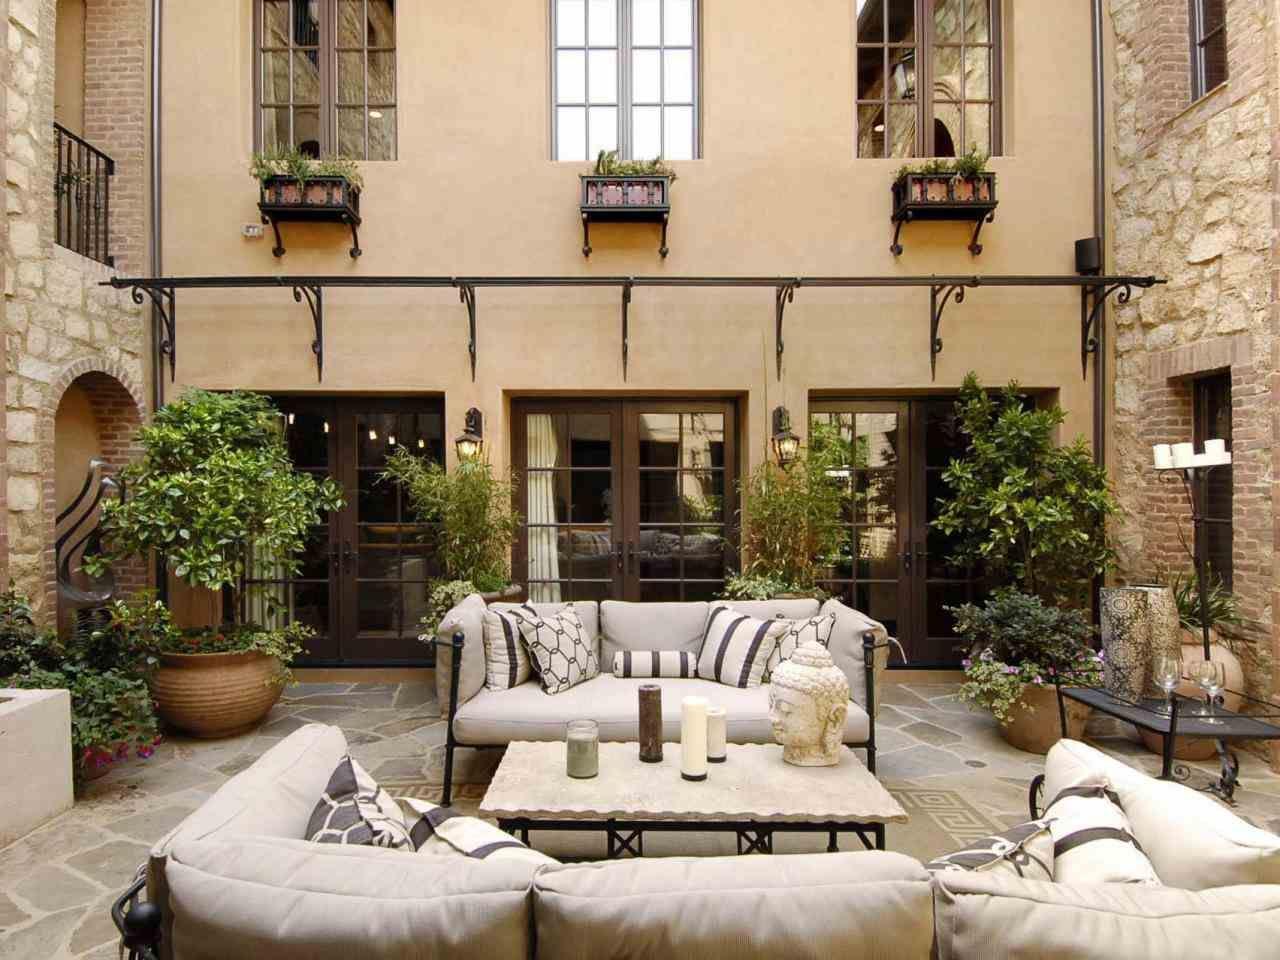 Salon de jardin pas cher : 40 super idées pour votre espace ...